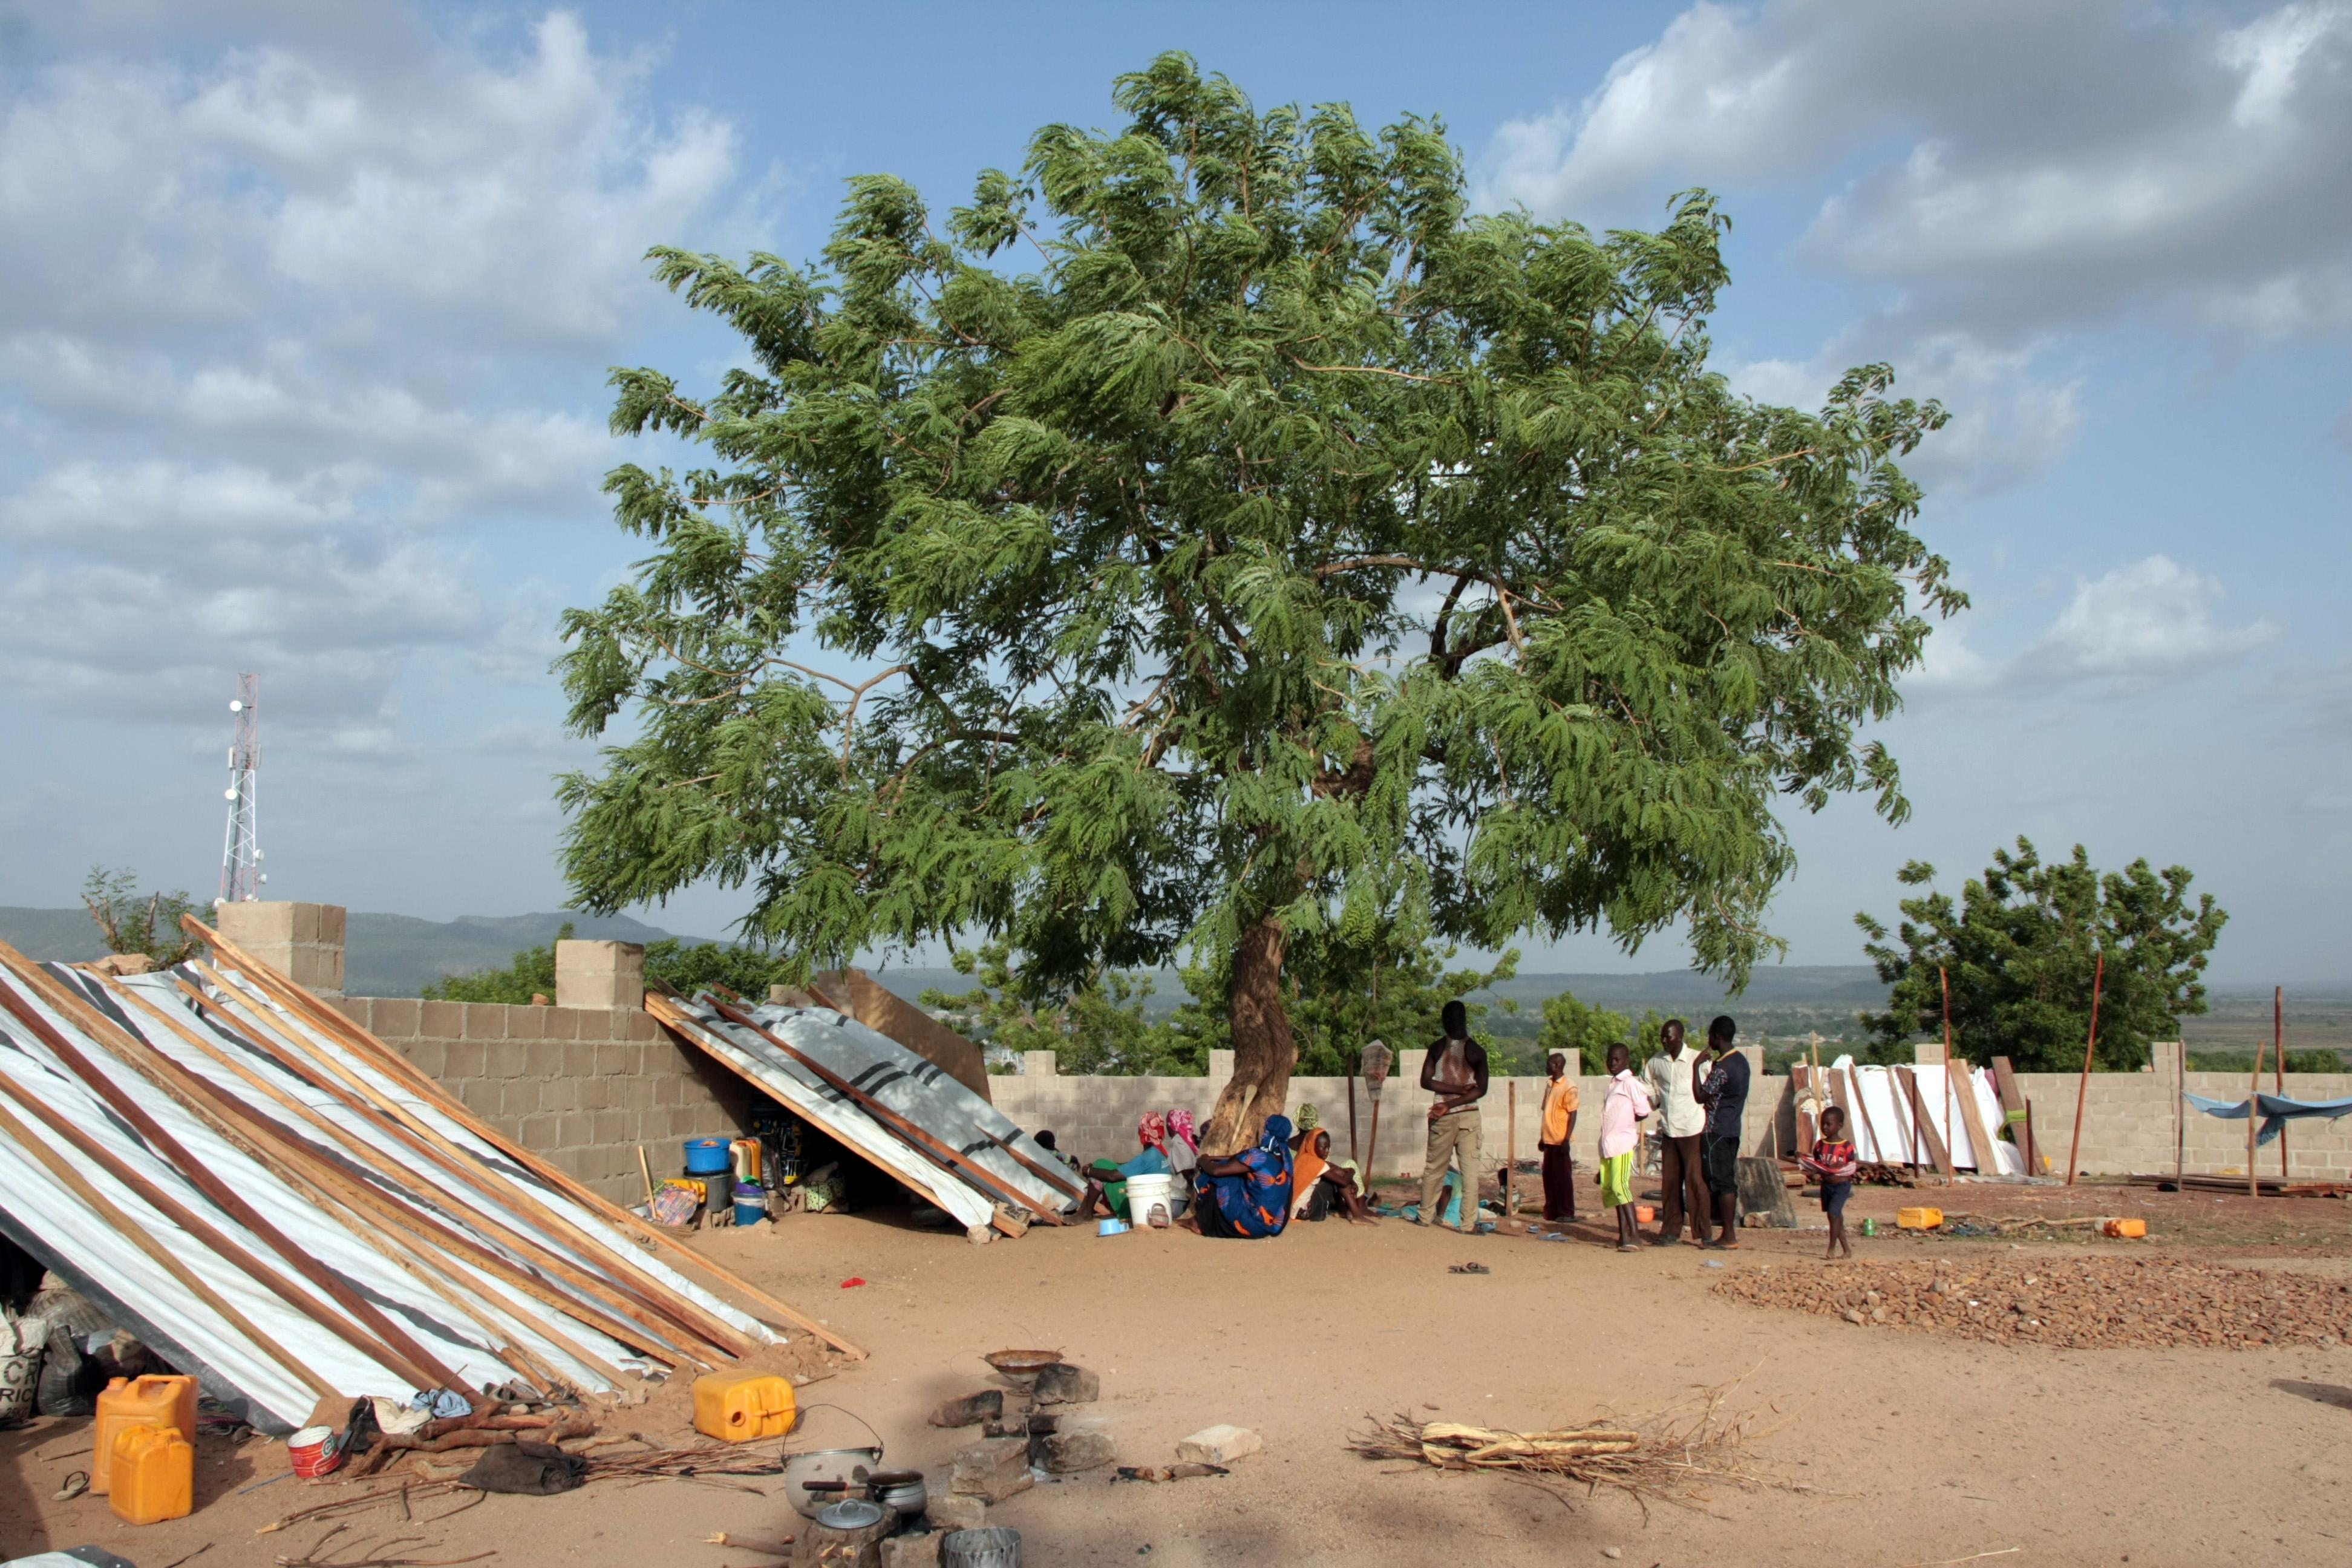 Binnenvertriebene in der ostnigerianischen Stadt Yola, die vor Boko Haram geflohen sind